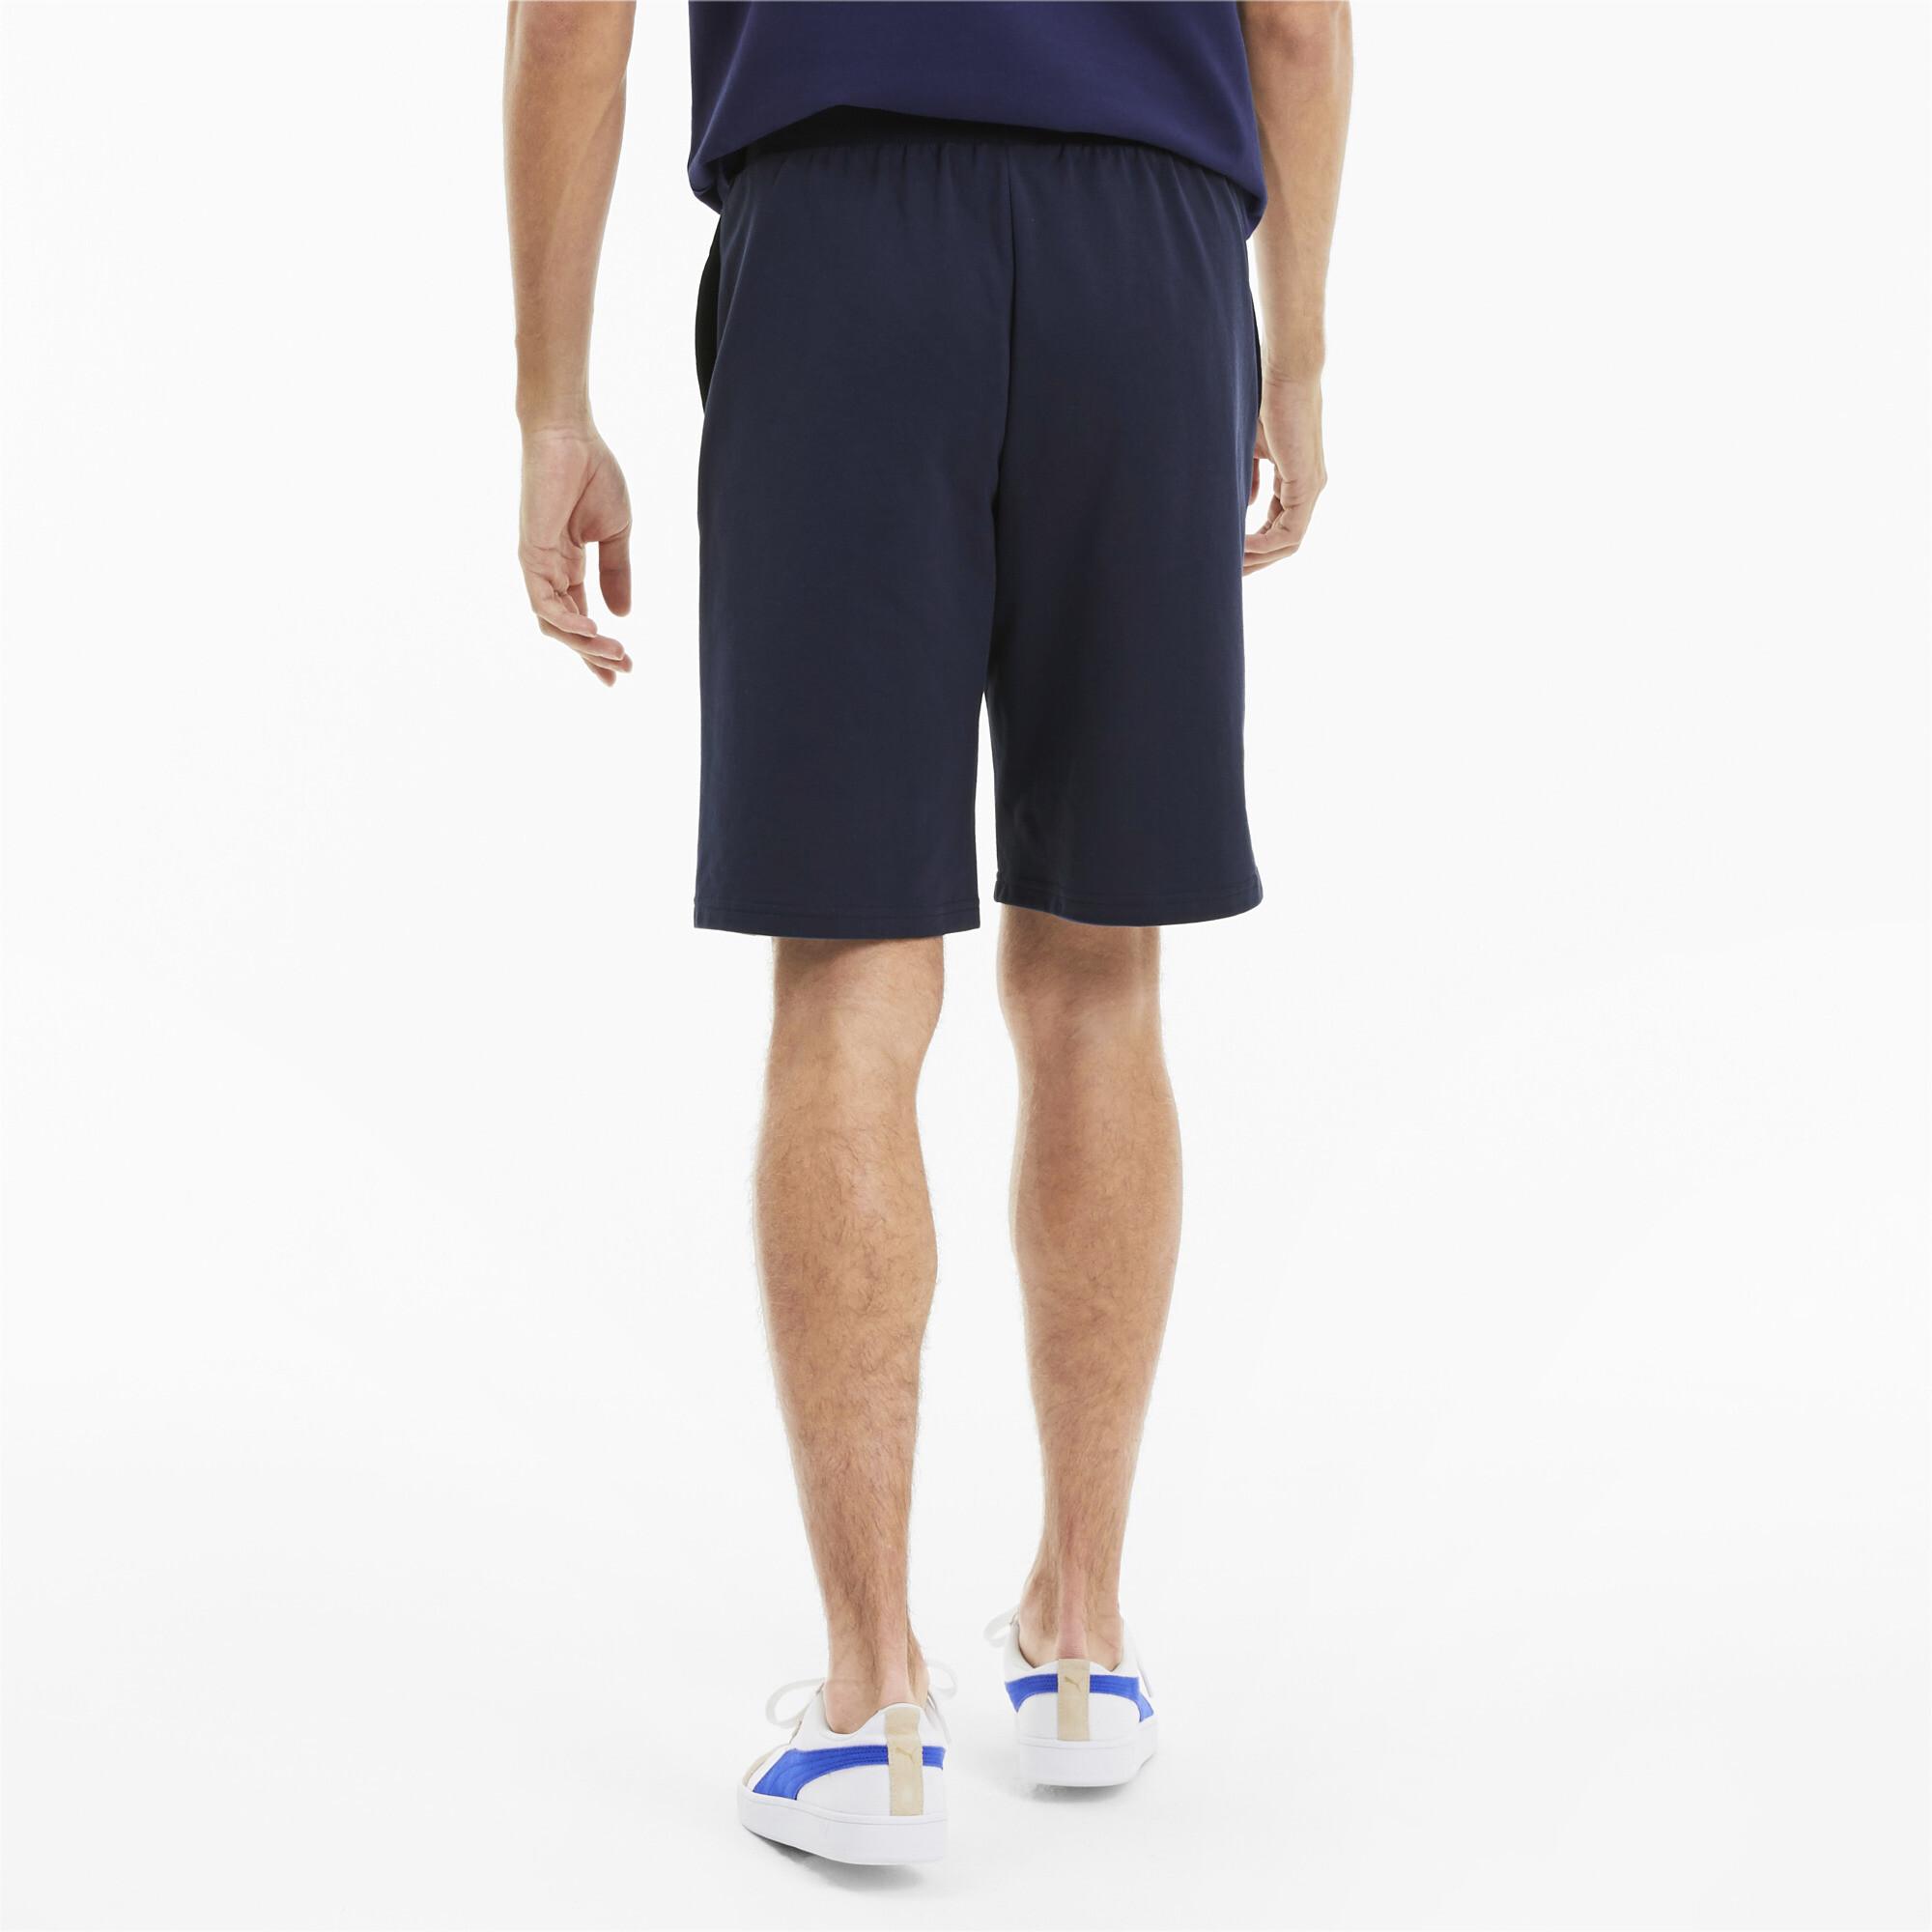 PUMA-Celebration-Men-039-s-Shorts-Men-Knitted-Shorts-Basics thumbnail 10